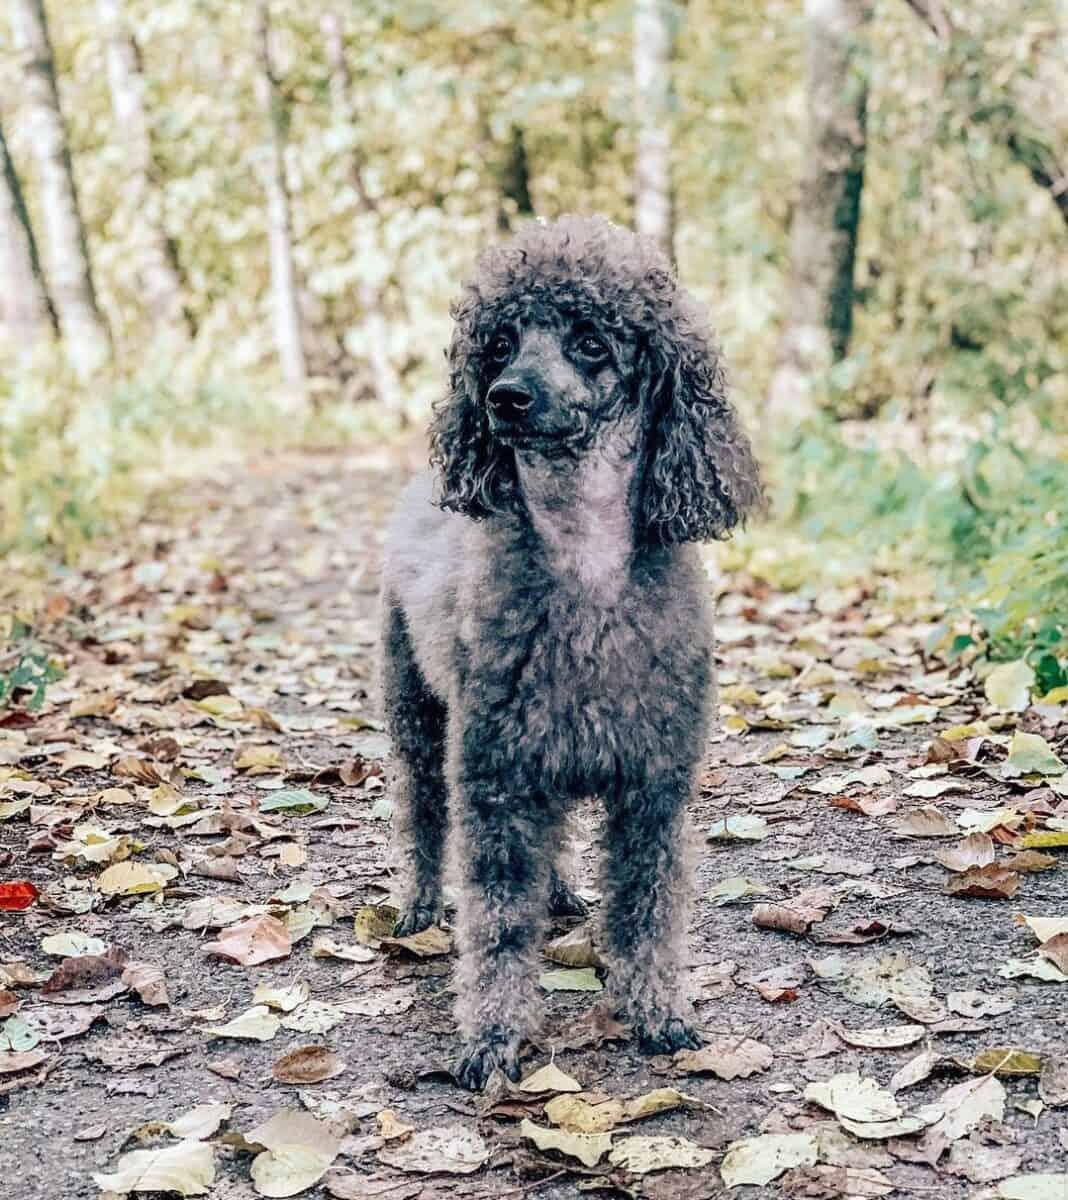 Blue Moyen Poodle